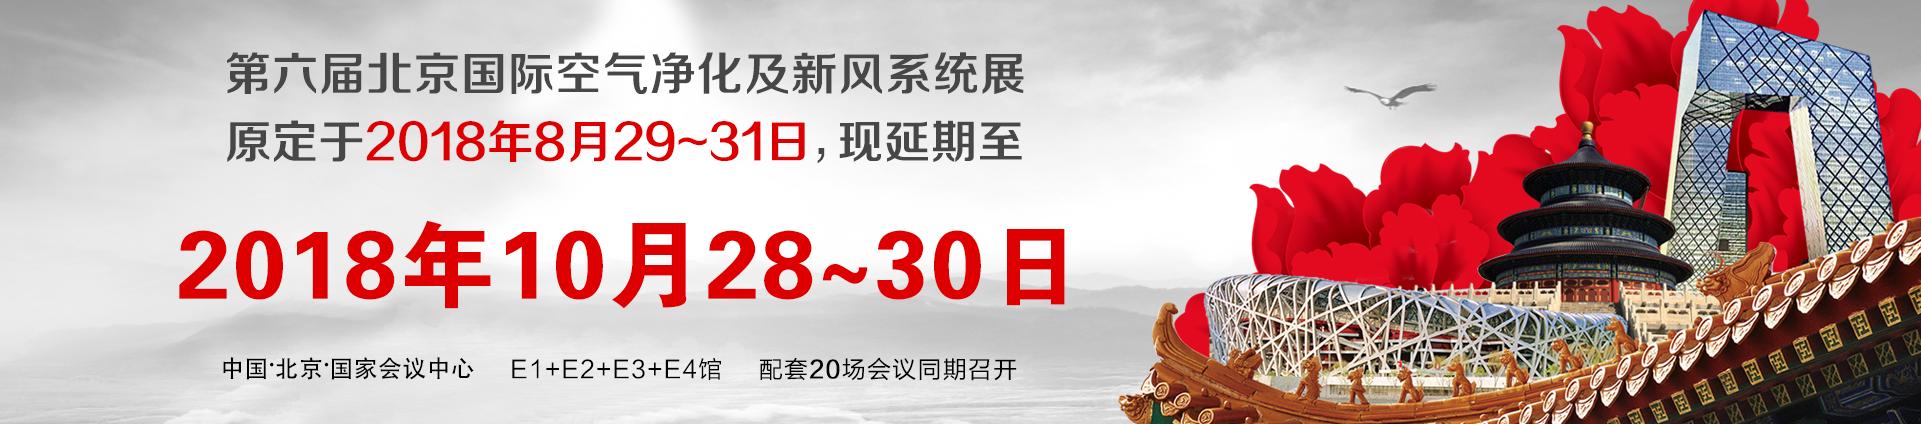 01.華人空凈第一展-網站-1-1